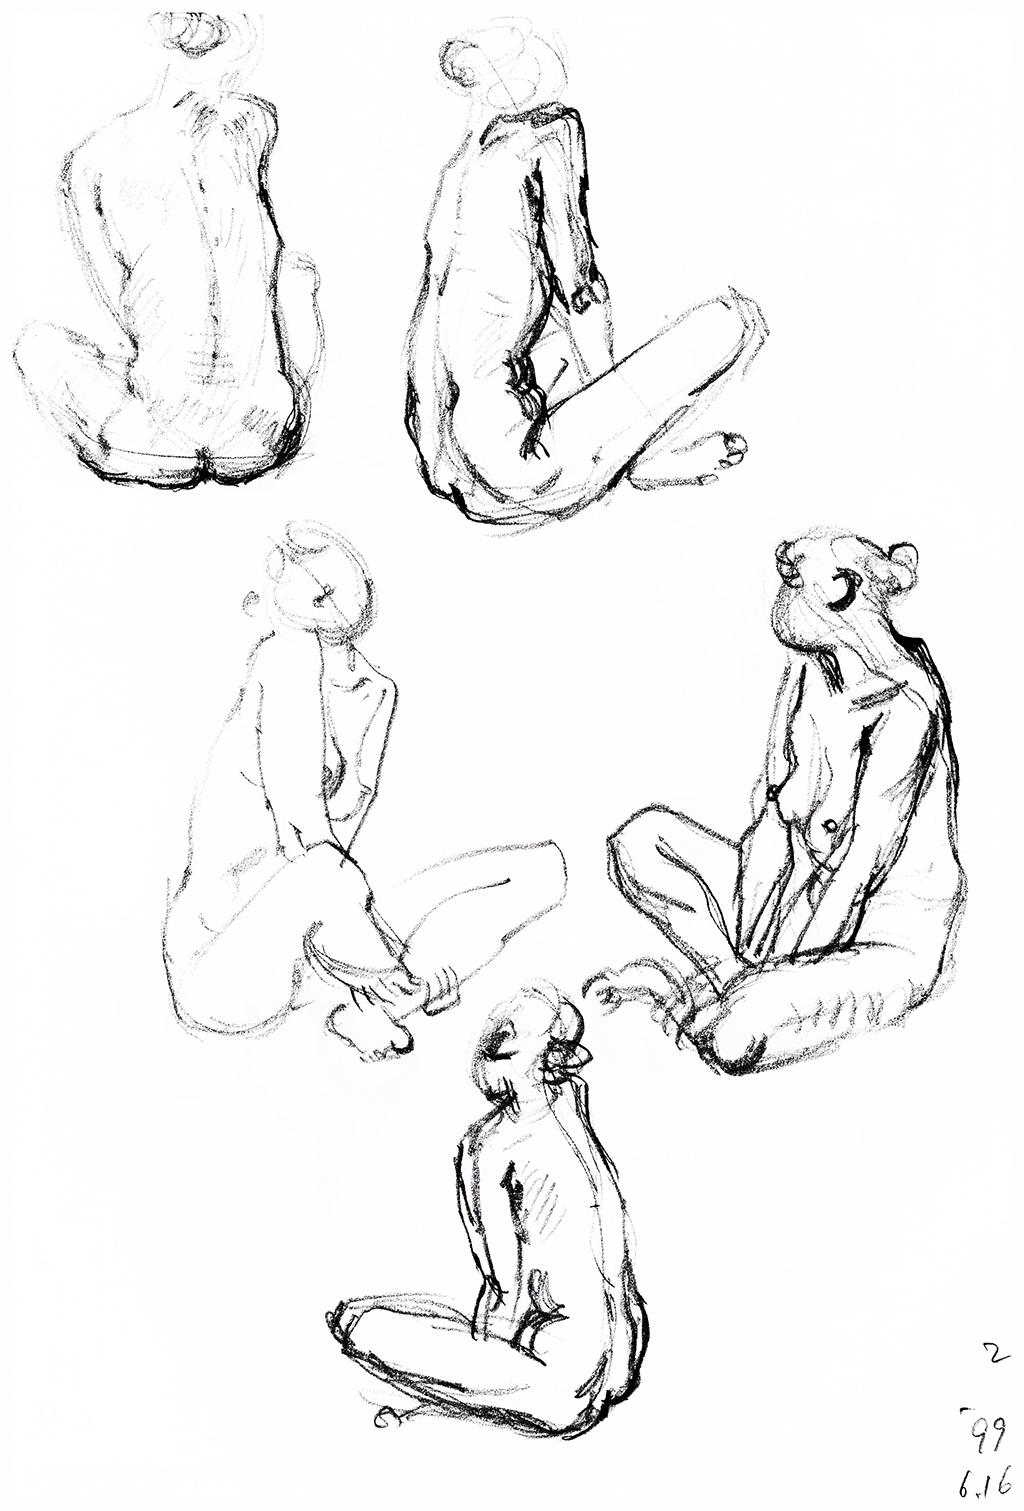 image_119